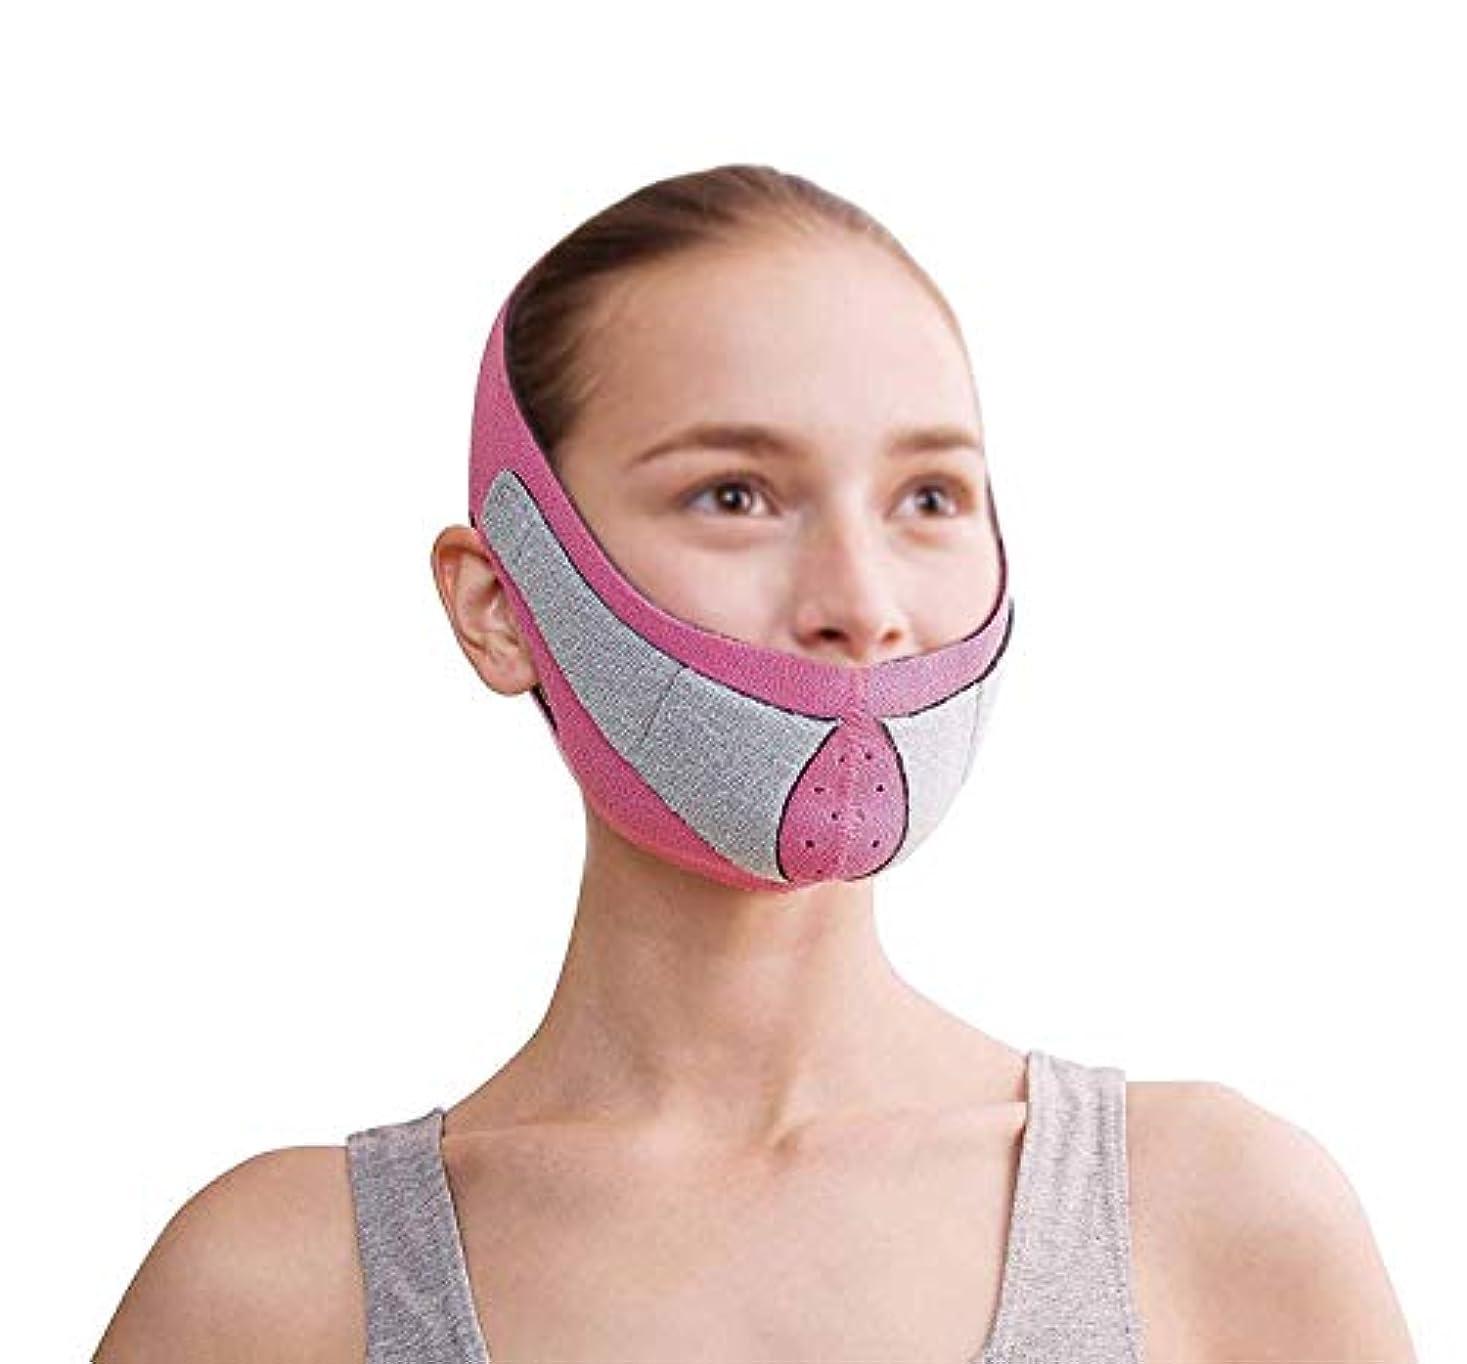 ピストン素人アナログフェイスリフトマスク、顔のMaskplus薄いフェイスマスクタイトなたるみの薄いフェイスマスク顔の薄いフェイスマスクアーティファクトネックストラップ付き